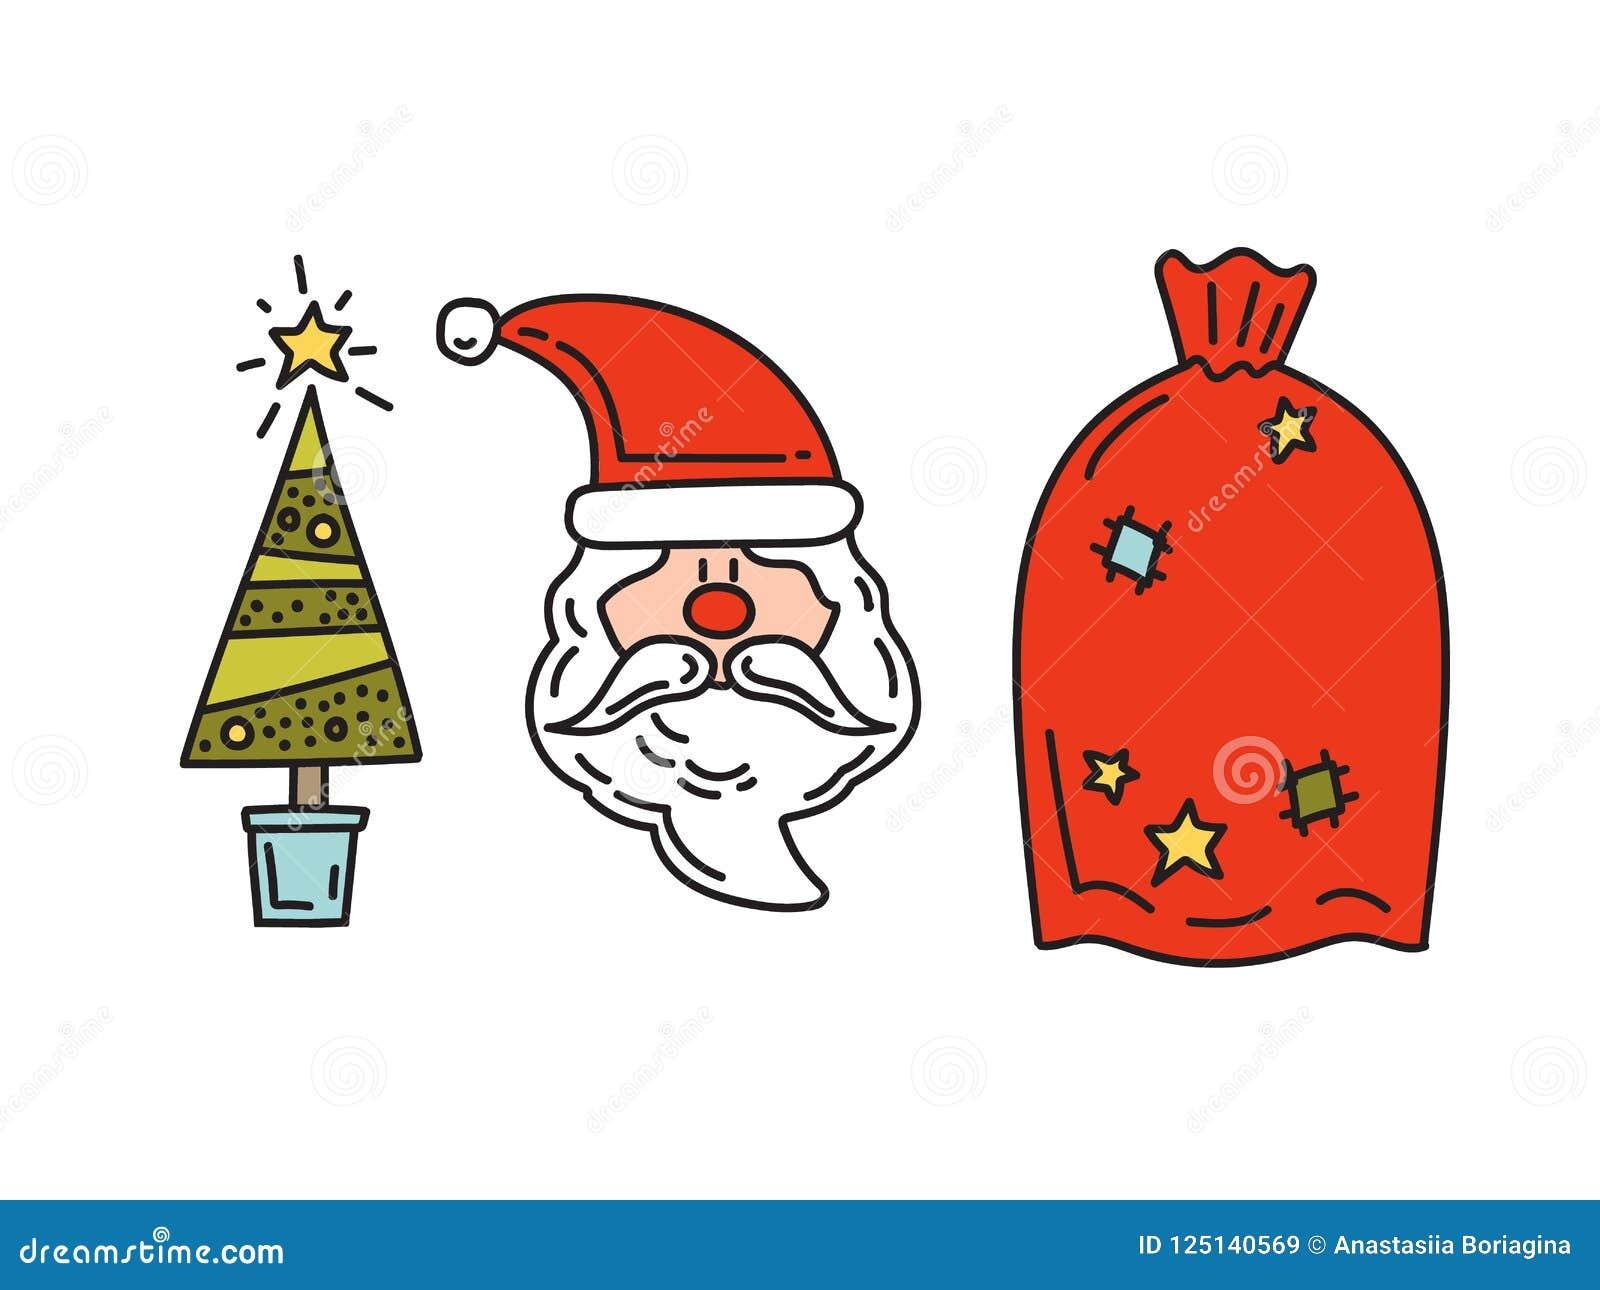 Unique Clip Art Christmas Tree Images